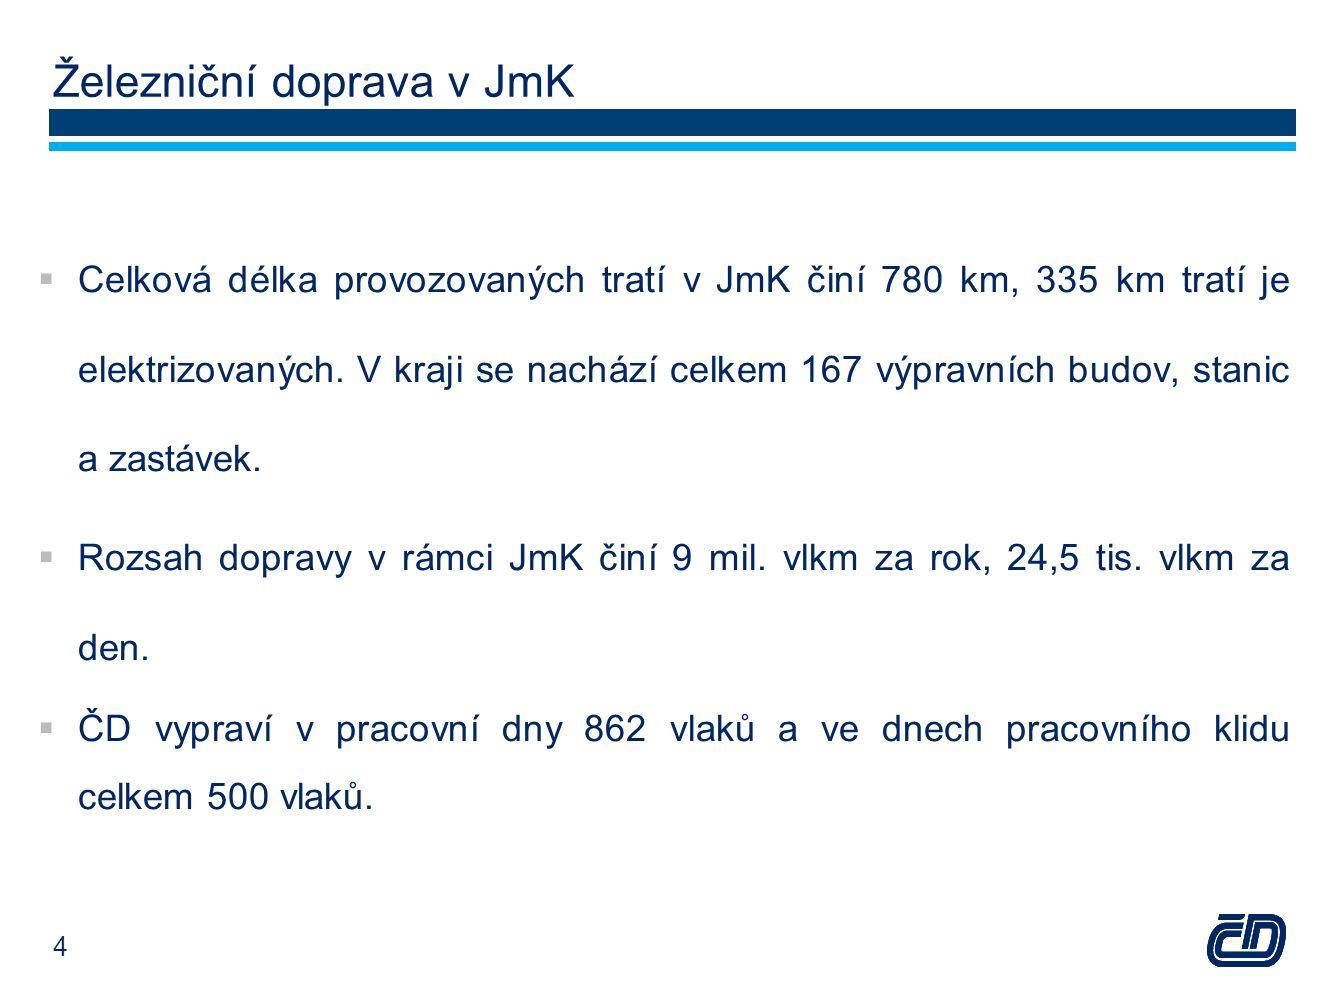 Železniční doprava v JmK  Celková délka provozovaných tratí v JmK činí 780 km, 335 km tratí je elektrizovaných. V kraji se nachází celkem 167 výpravn